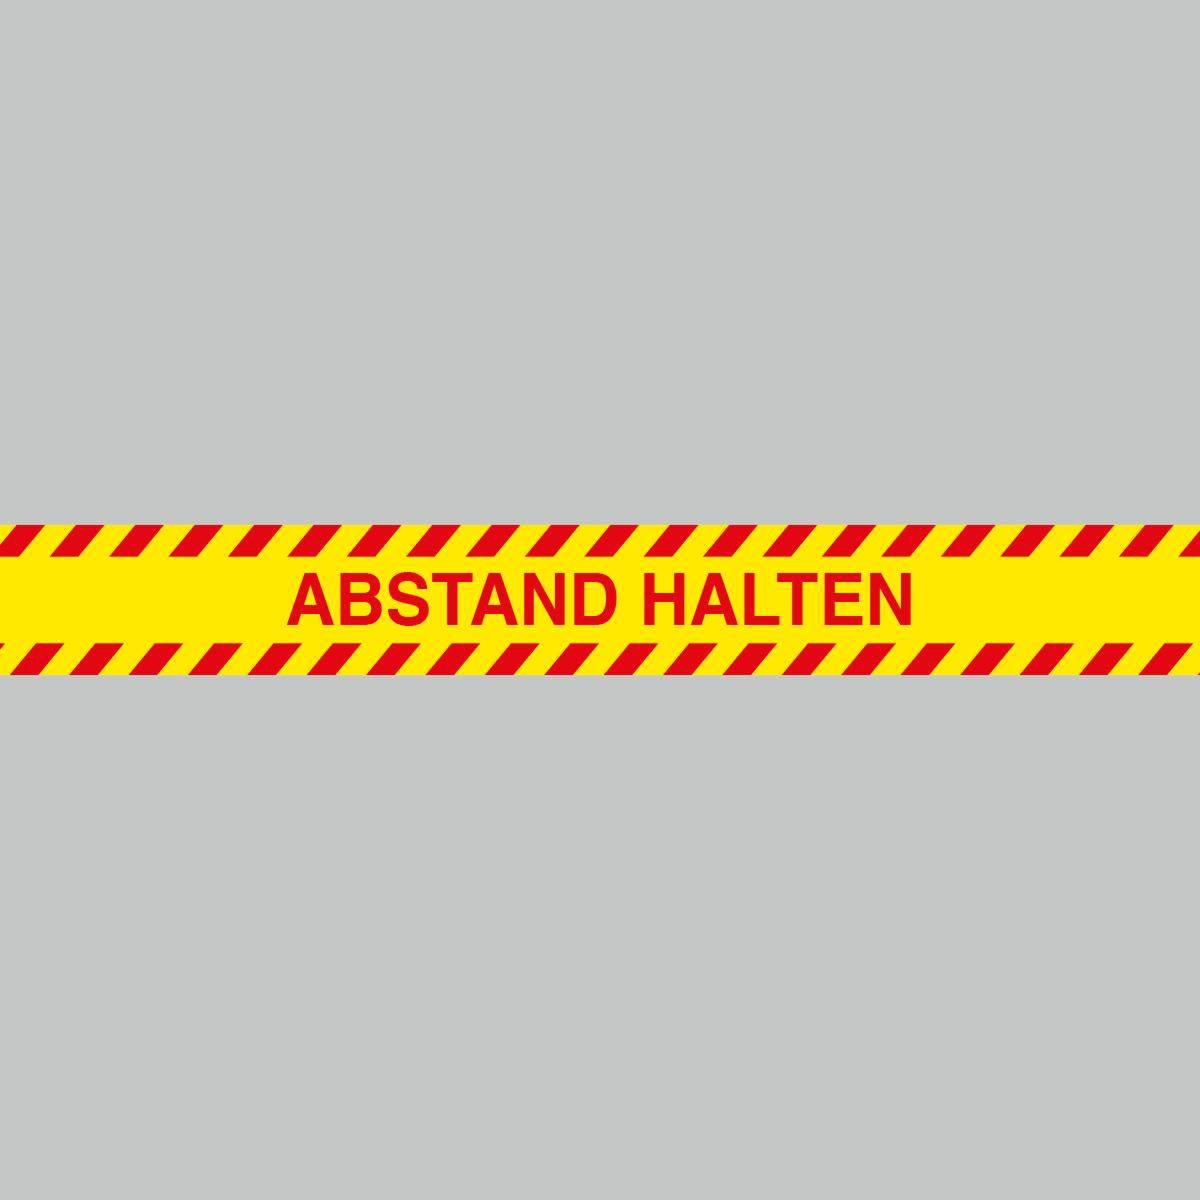 Fußbodenaufkleber, rot-gelb, Streifen, 120x15cm – Abstand halten